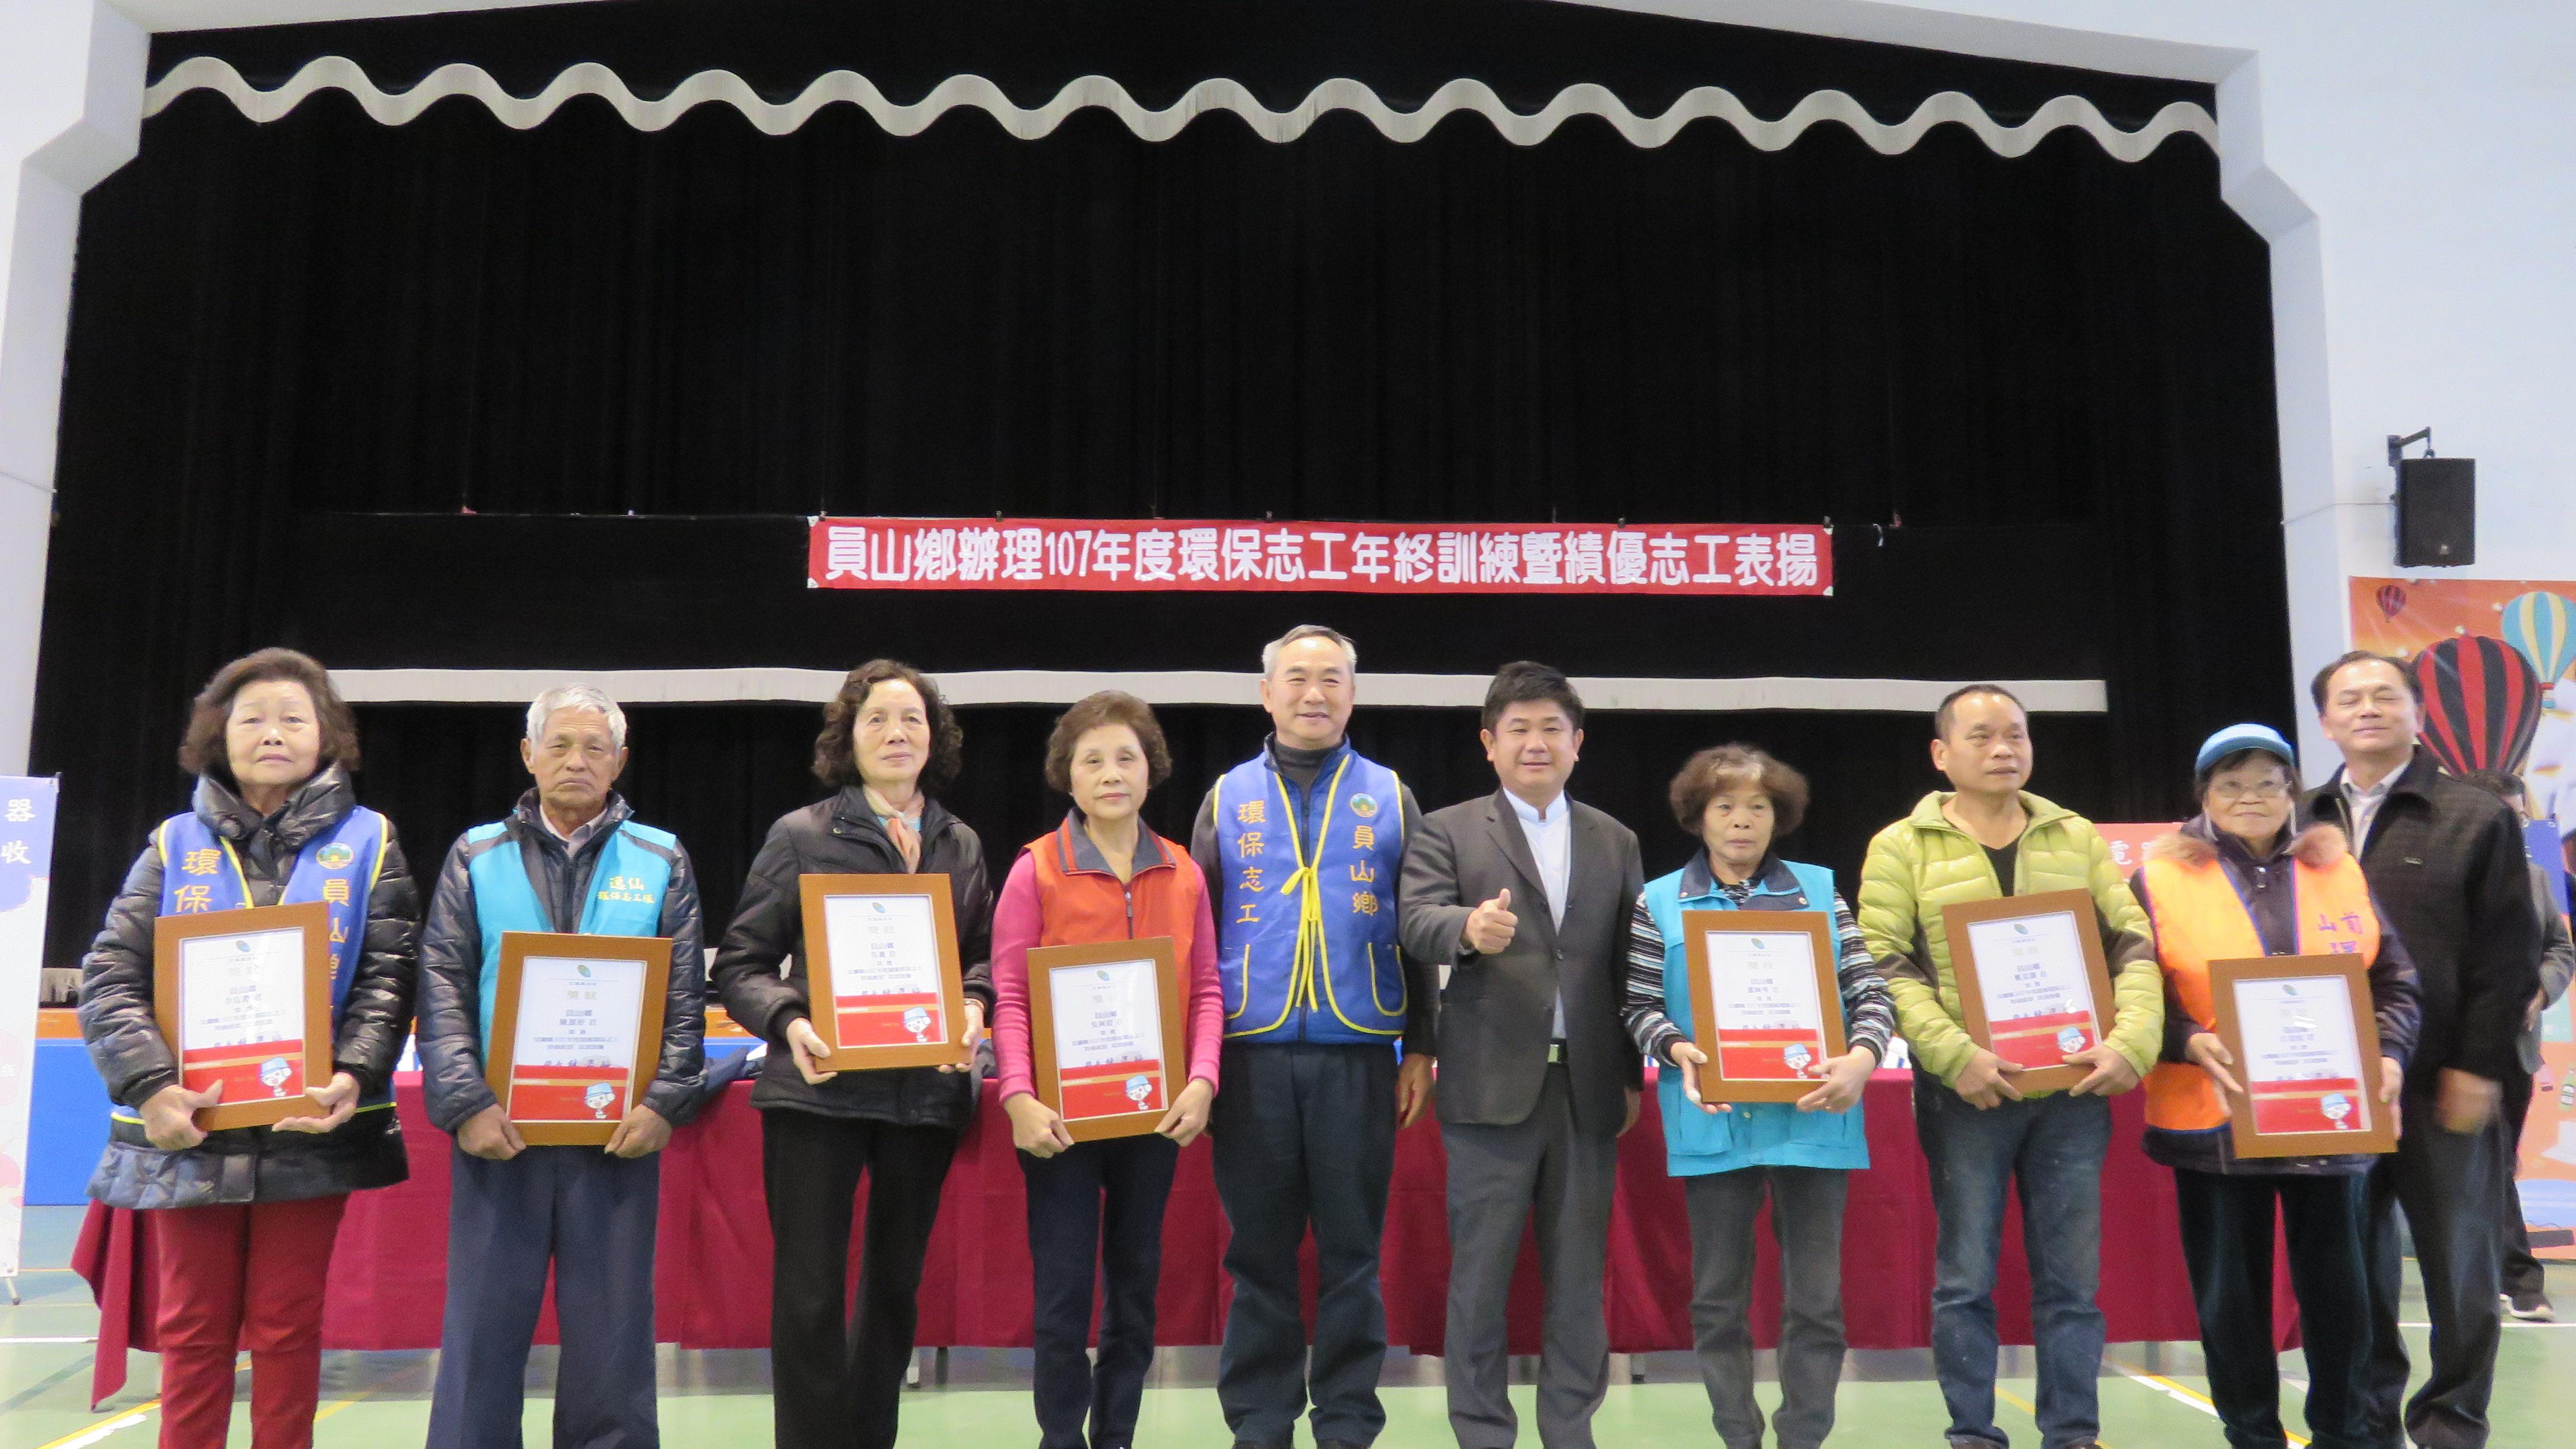 108年環保志工年終訓練暨表揚活動